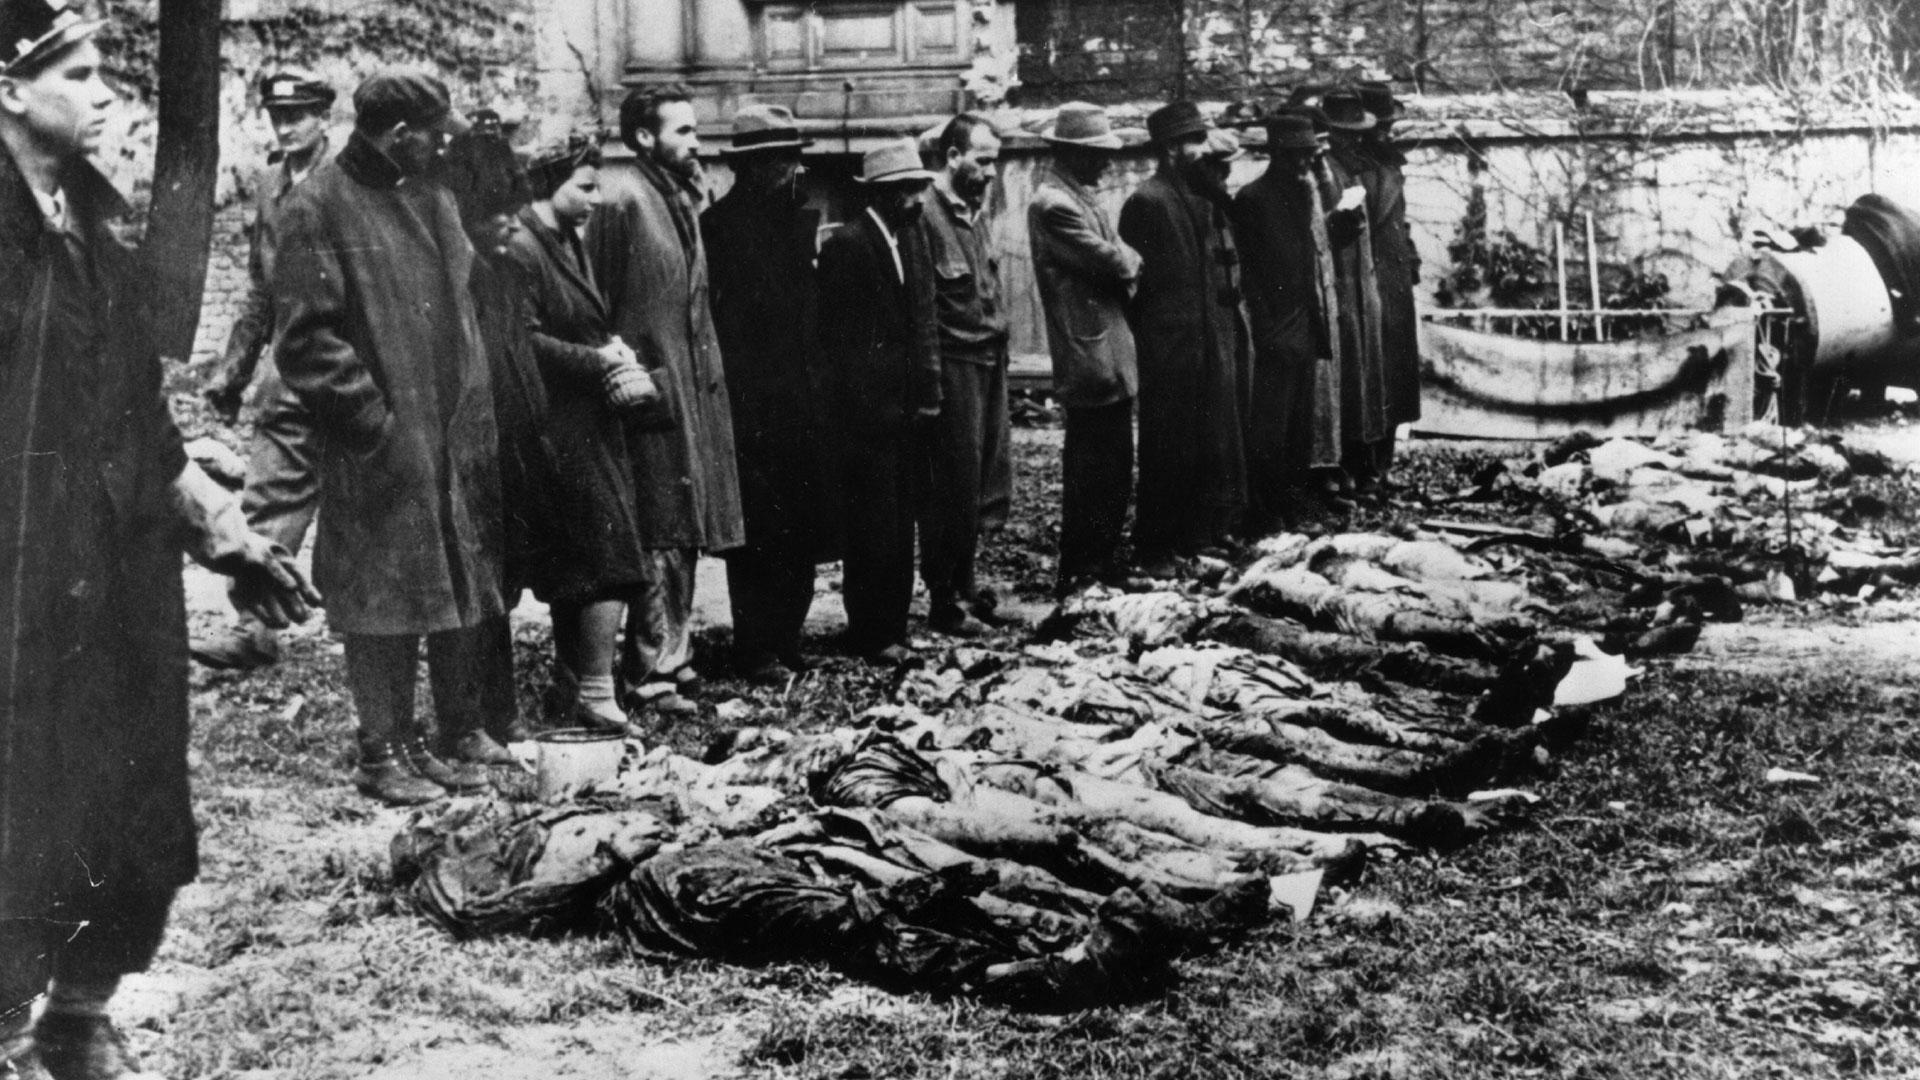 Los alemanes ocuparon Hungría en marzo de 1944. Ese año cerca de 438 000 judíos de Hungría fueron deportados a Auschwitz-Birkenau y la mayoría fueron ejecutados allí. Había días en que los hornos no daban abasto y sedebían quemar los cuerpos en hogueras al aire libre.